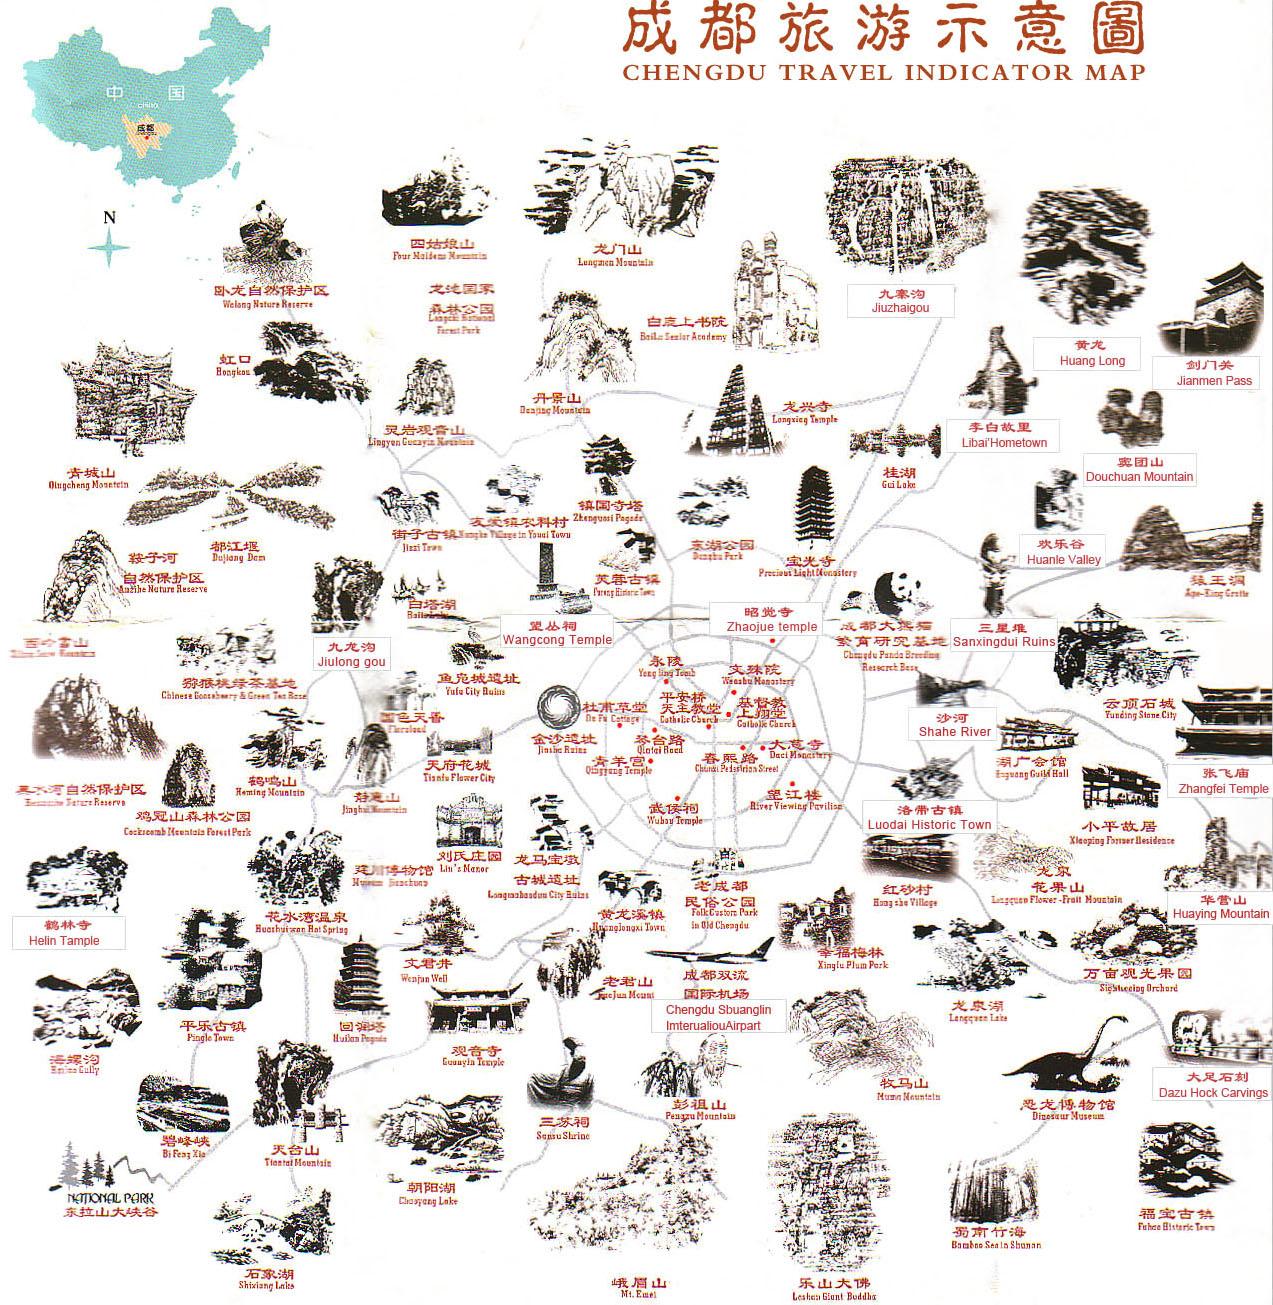 成都周边旅游景点介绍-成都周边旅游景点分布地图及旅游推荐攻略